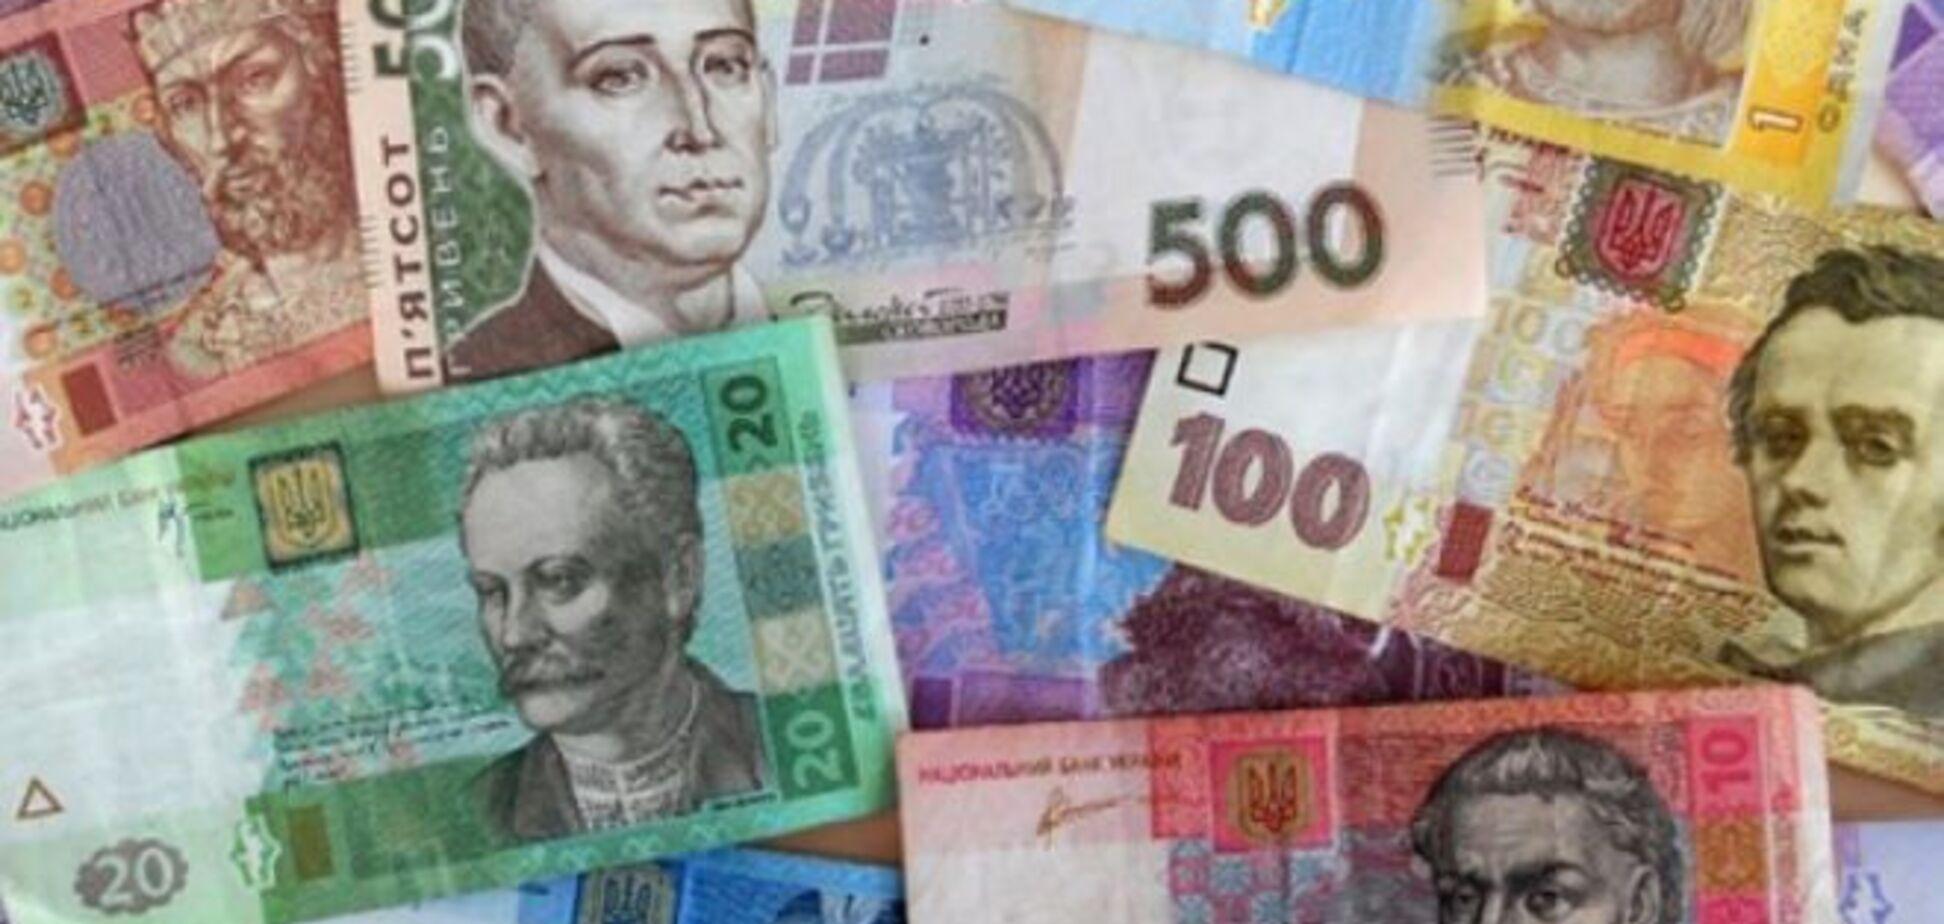 Лисицький про девальвацію гривні: вся справа в психології українців